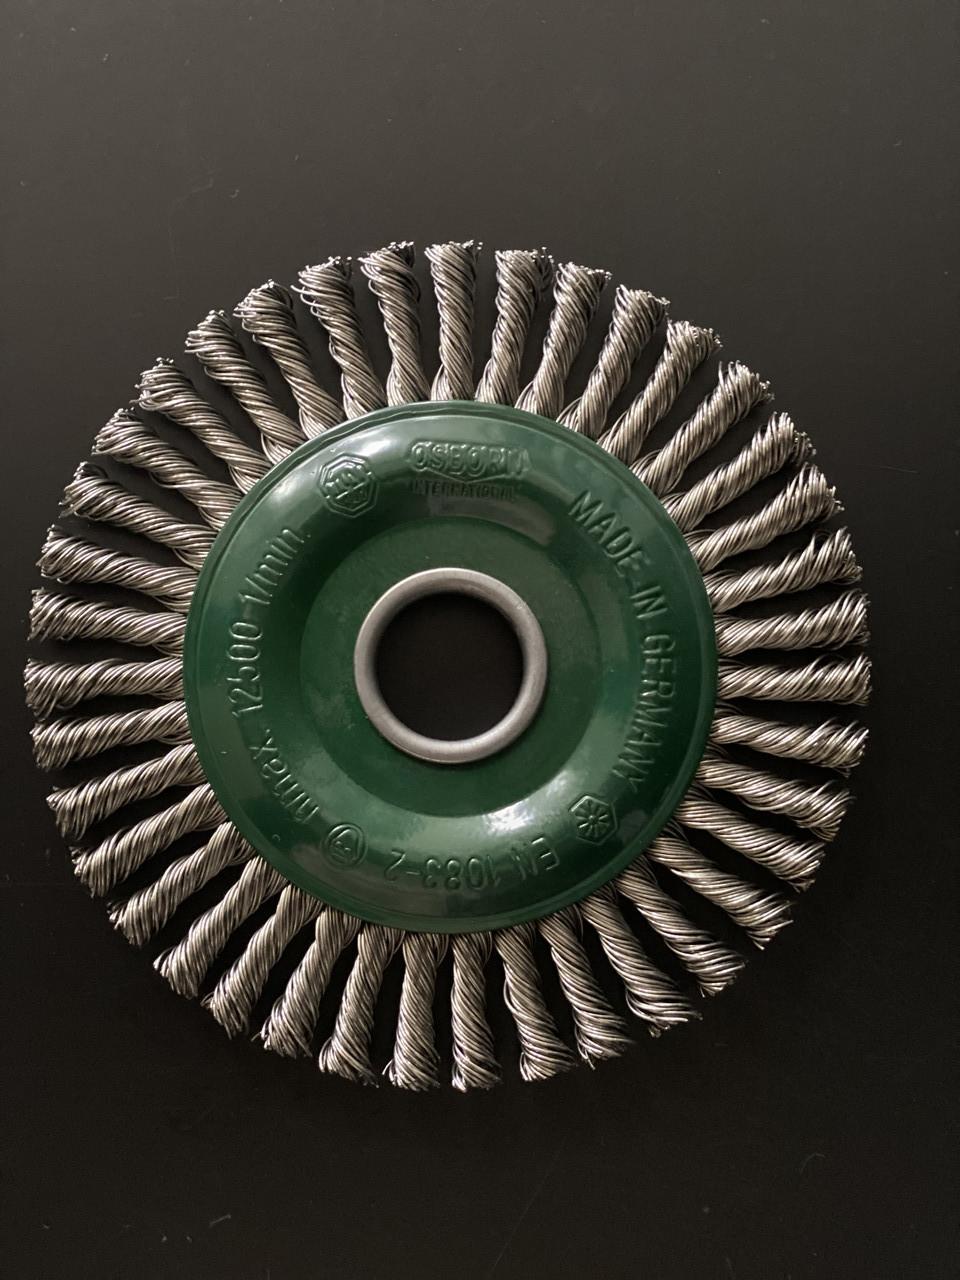 Щётка дисковая D 125 x 6 x 22,2 mm. OSBORN Жгутовая нержавеющая проволока 0,35mm